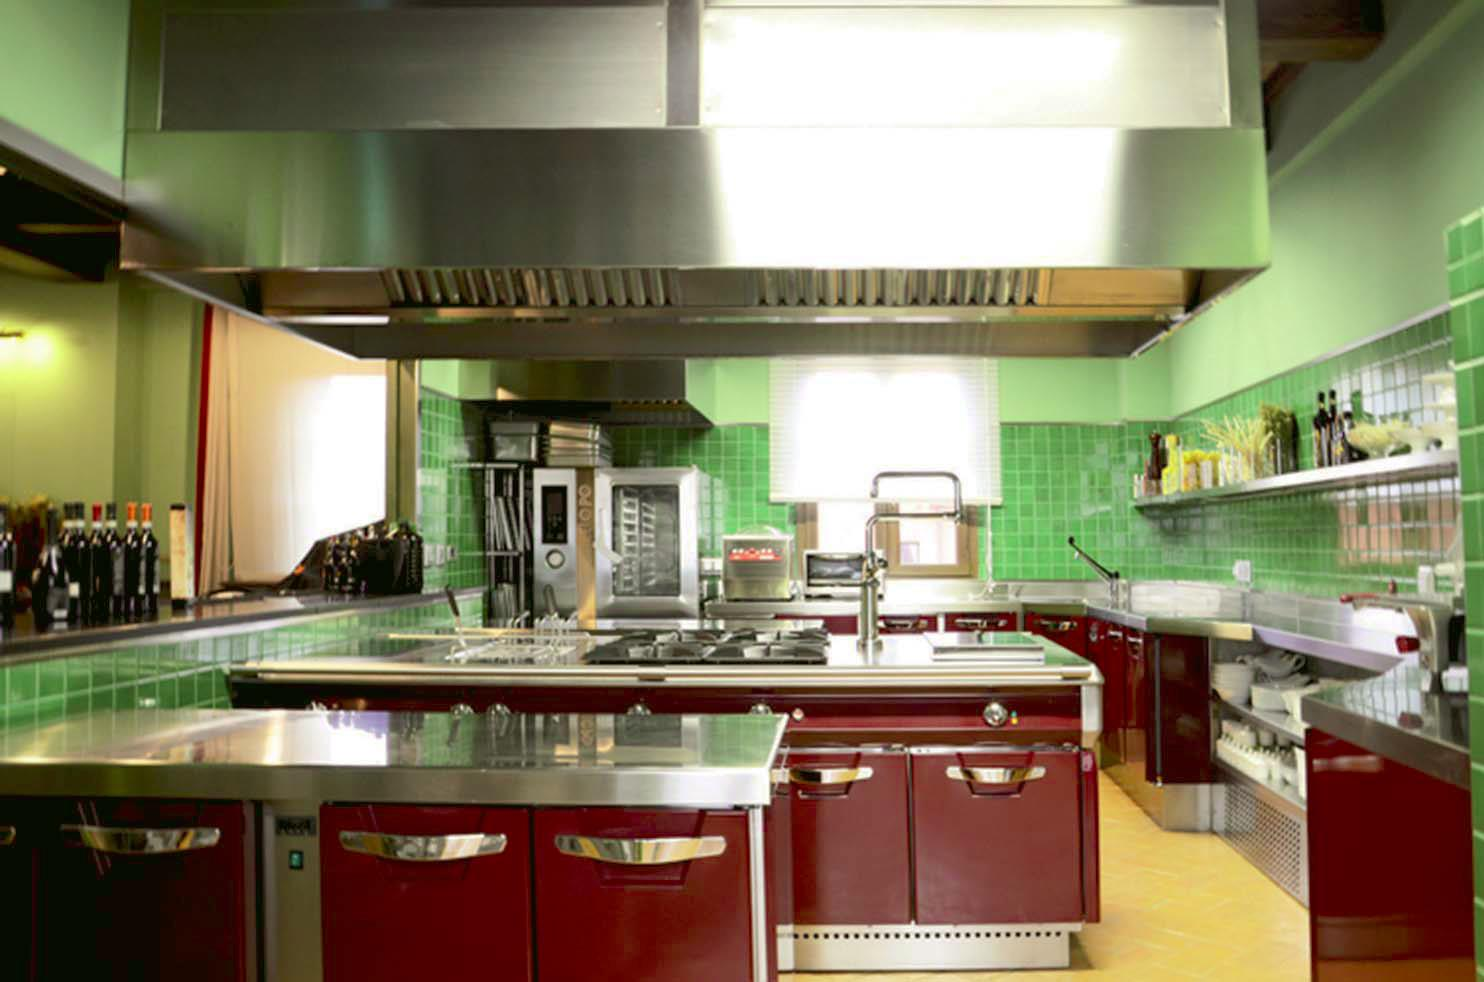 Progettare Una Cucina. Good Modello Cloe Cesar Cucine With ...